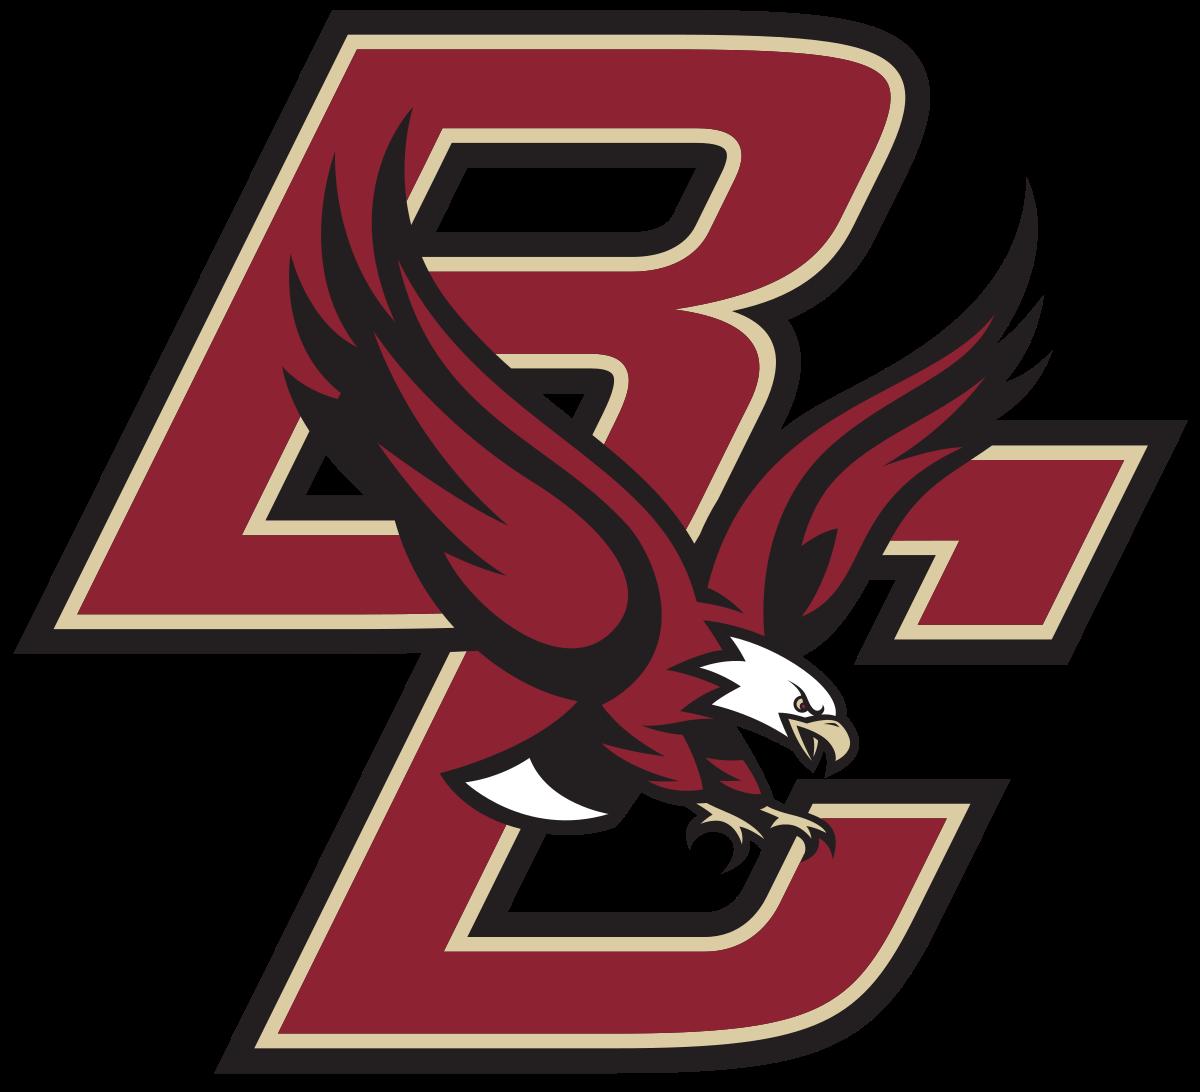 Boston college eagles wikipedia. Clipart football hawk